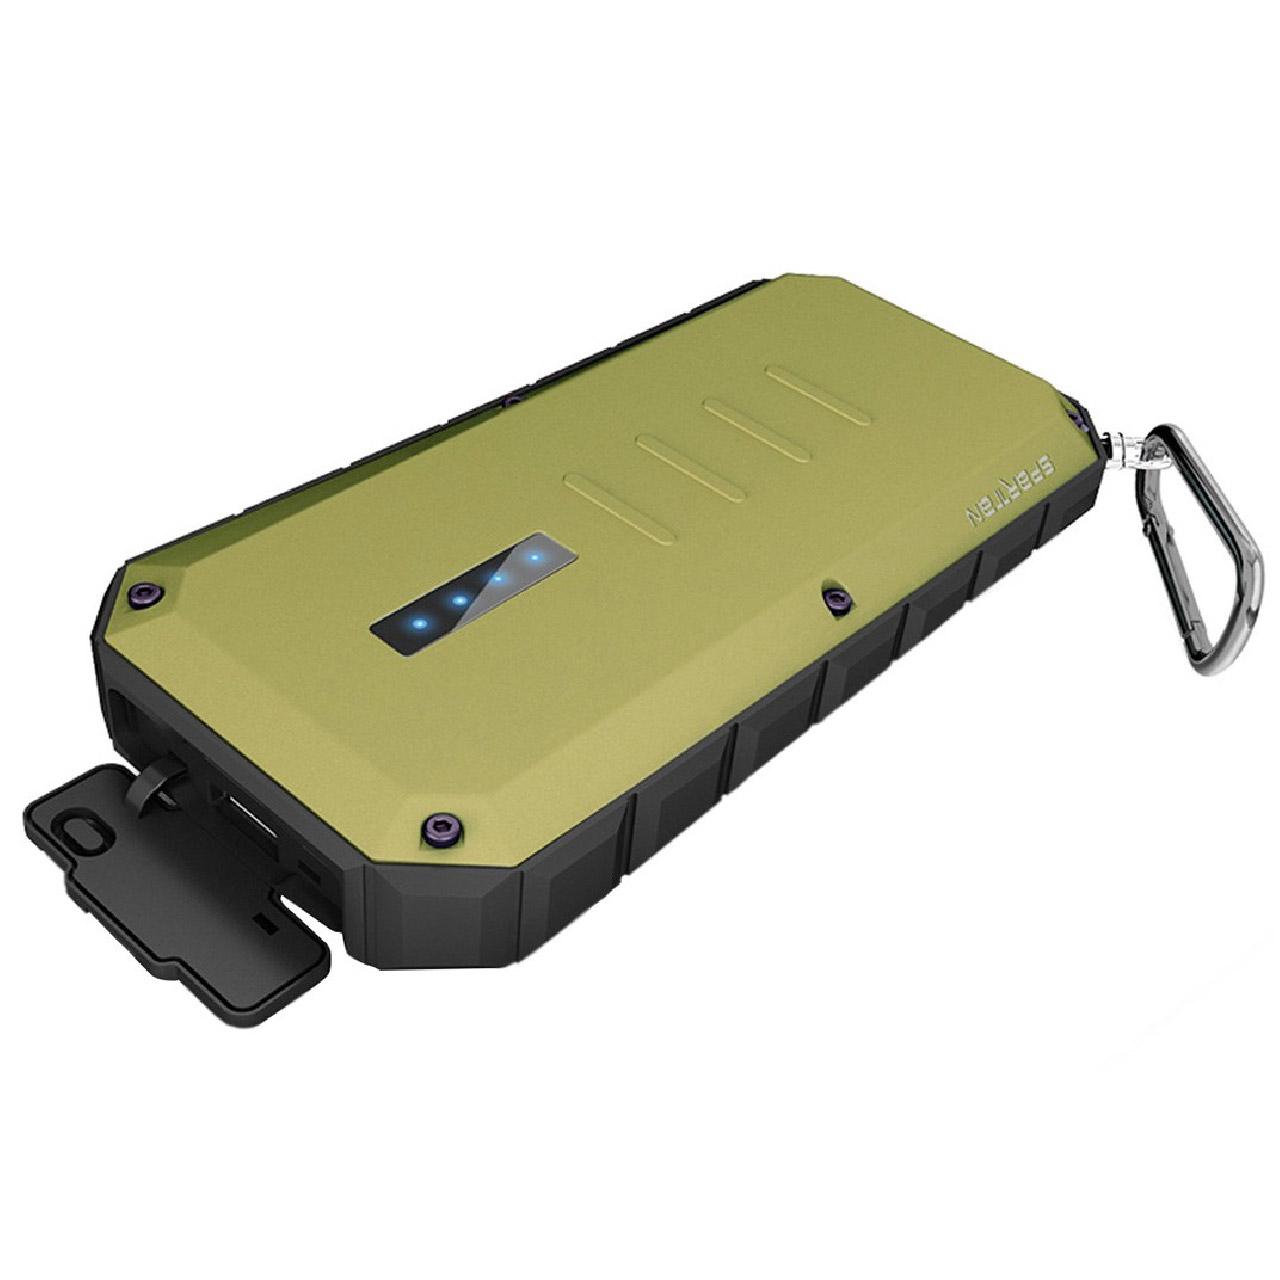 شارژر همراه آی واک مدل UBT13000D با ظرفیت 13000 میلی آمپر ساعت